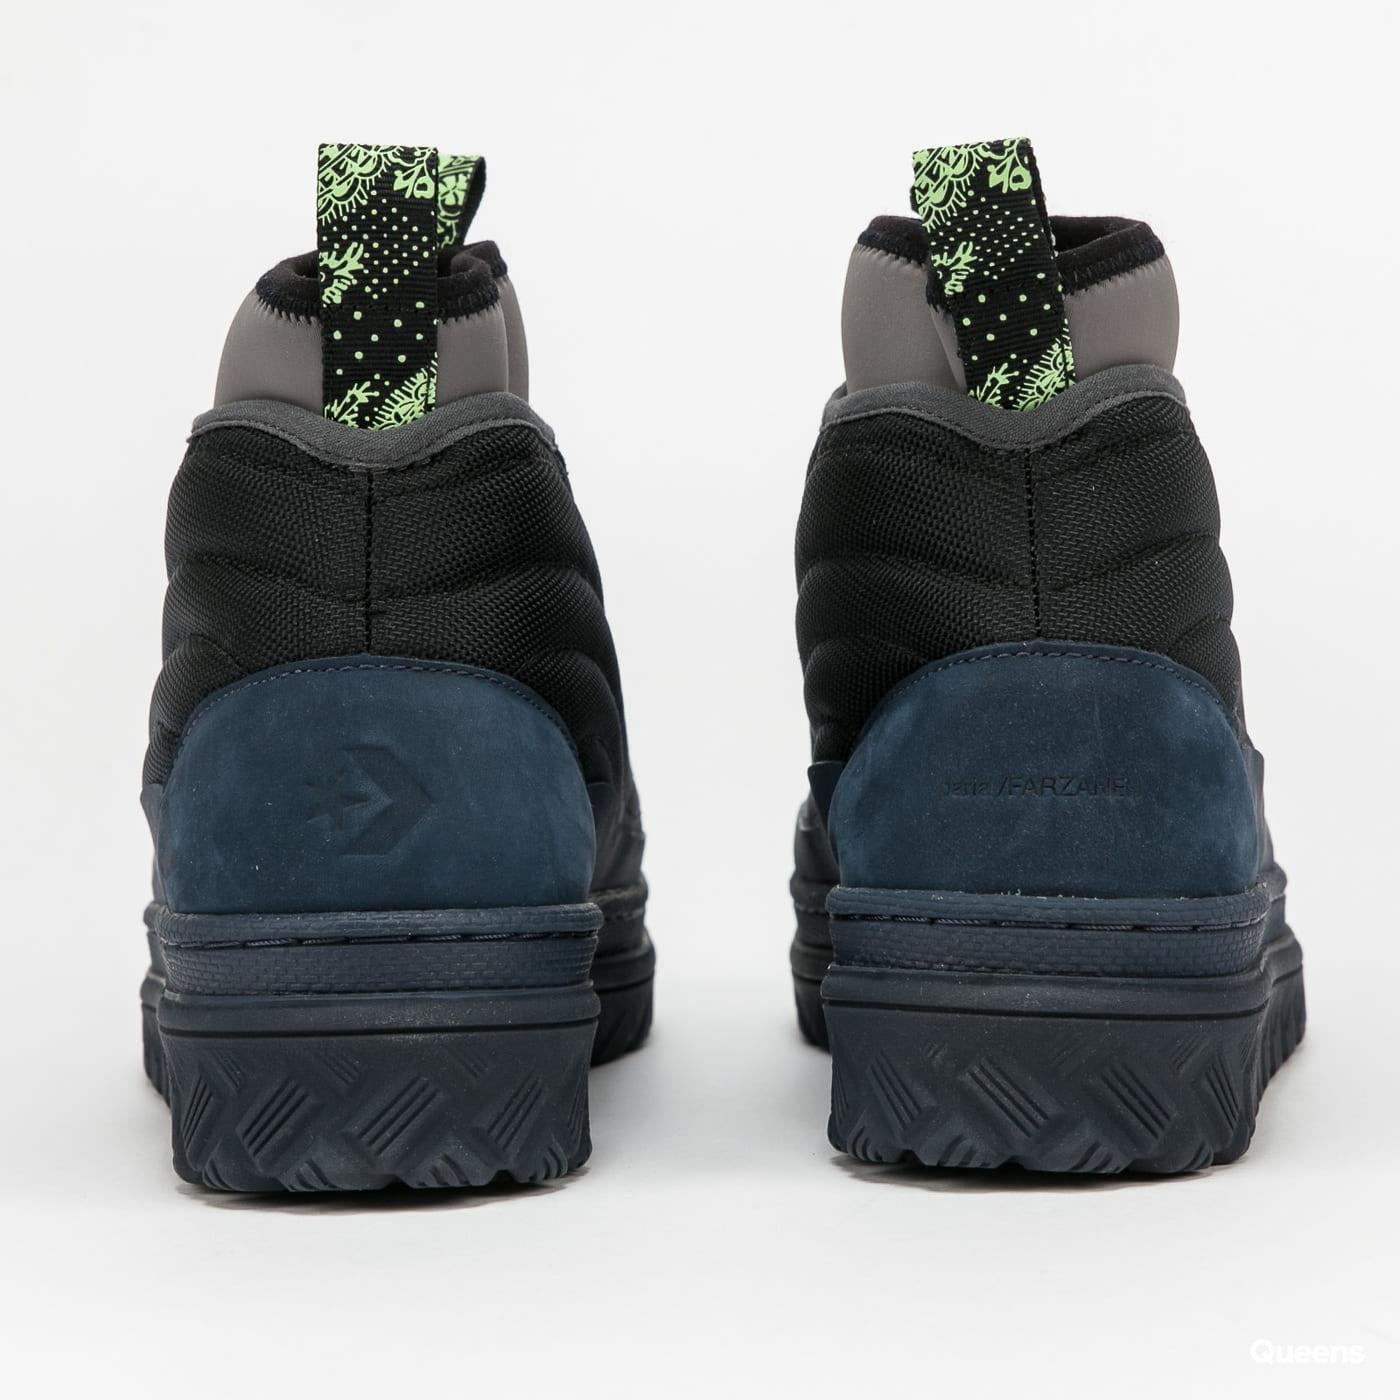 Converse Pro Leather X2 Trek Hi asphalt / outer space / black